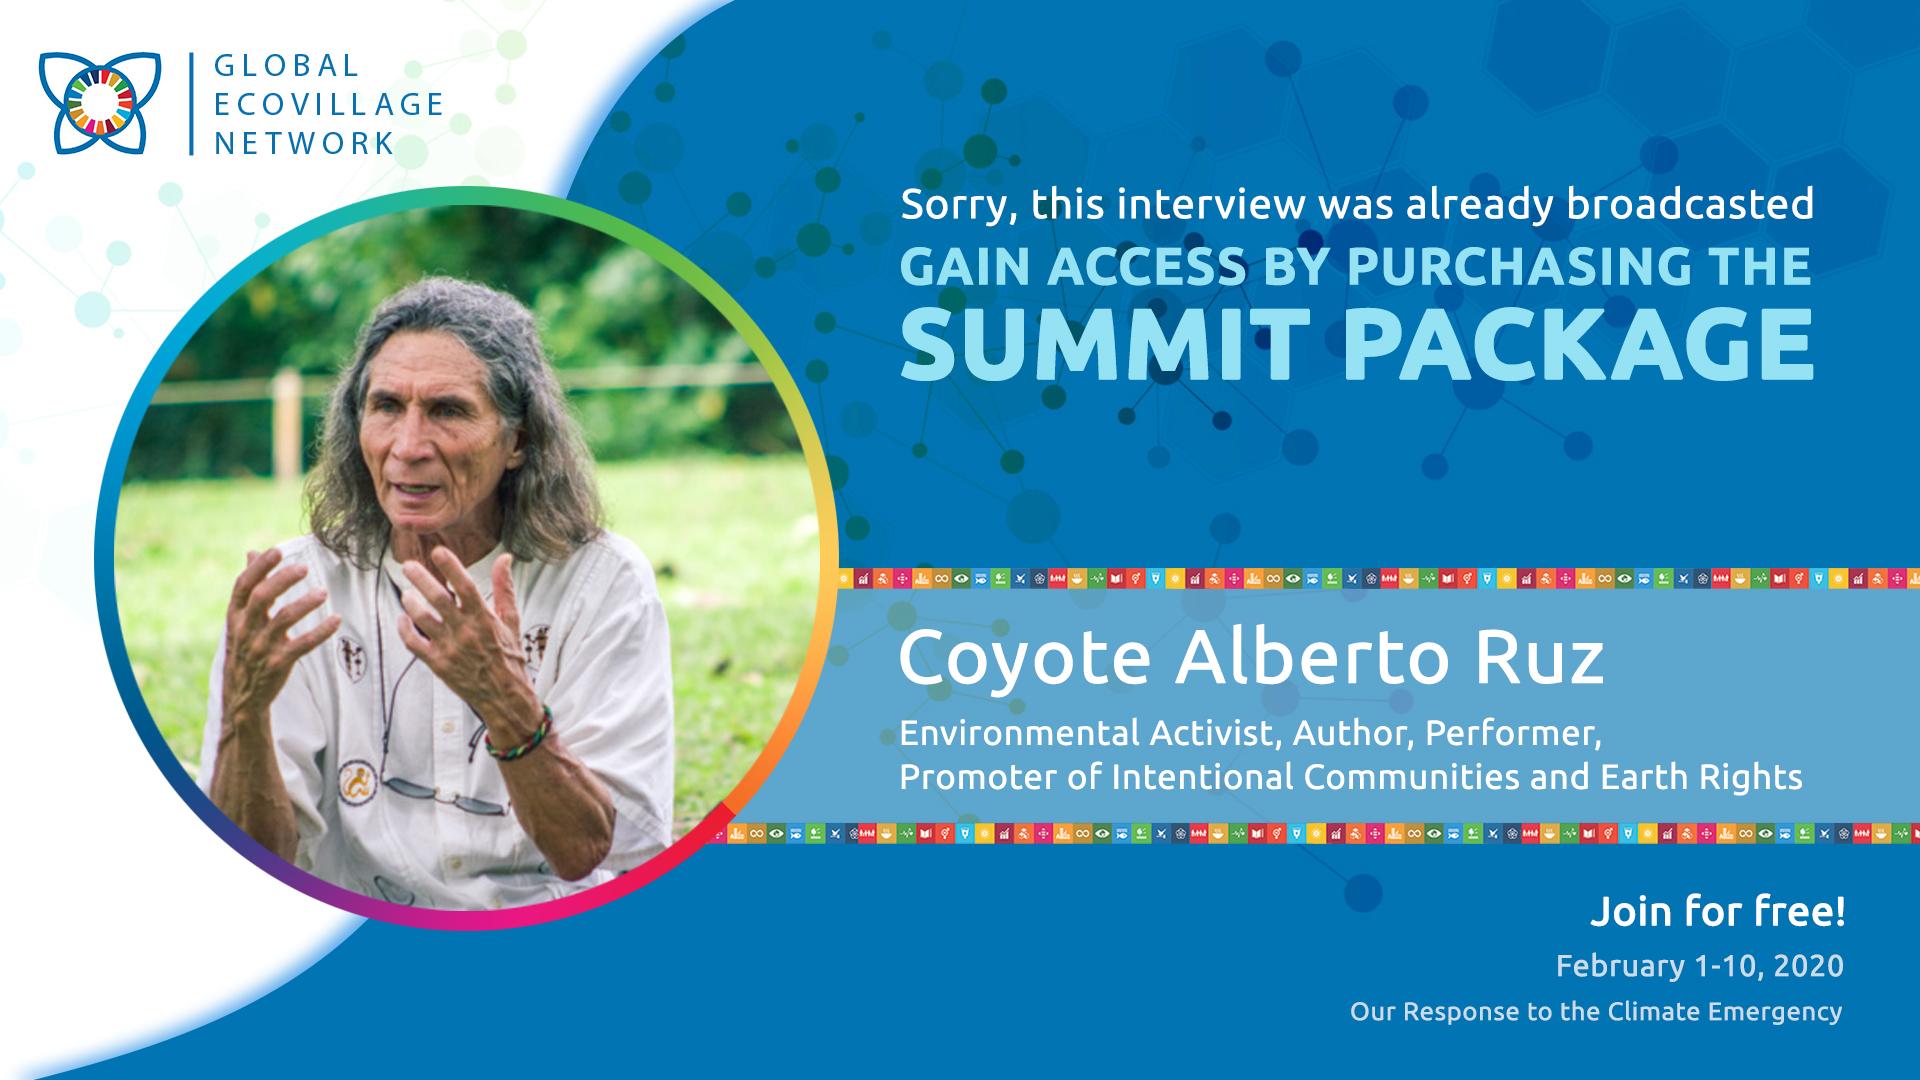 Coyote Alberto Ruz